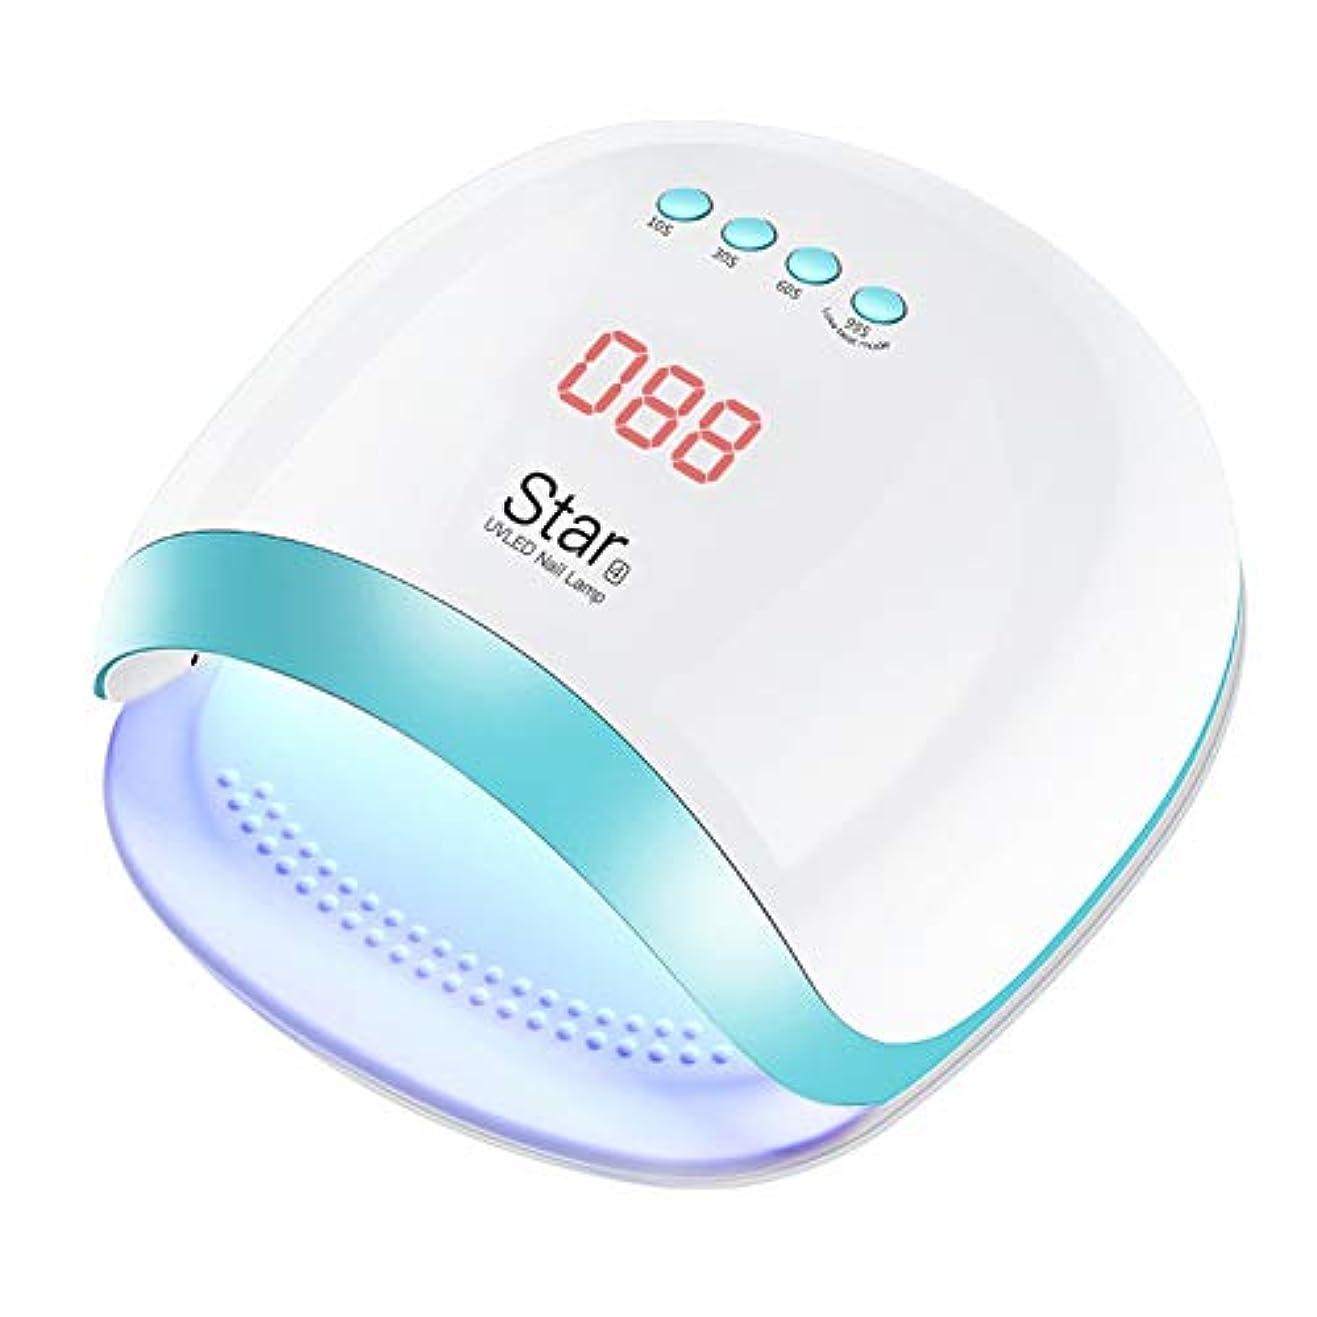 報復半球義務的Findbetter UVライト レジン用 54W UVレジン ライト UV LED ネイルライト 手&足両用 四つタイマー設定 高速硬化 ジェルネイル 硬化用UVライト 1年保証